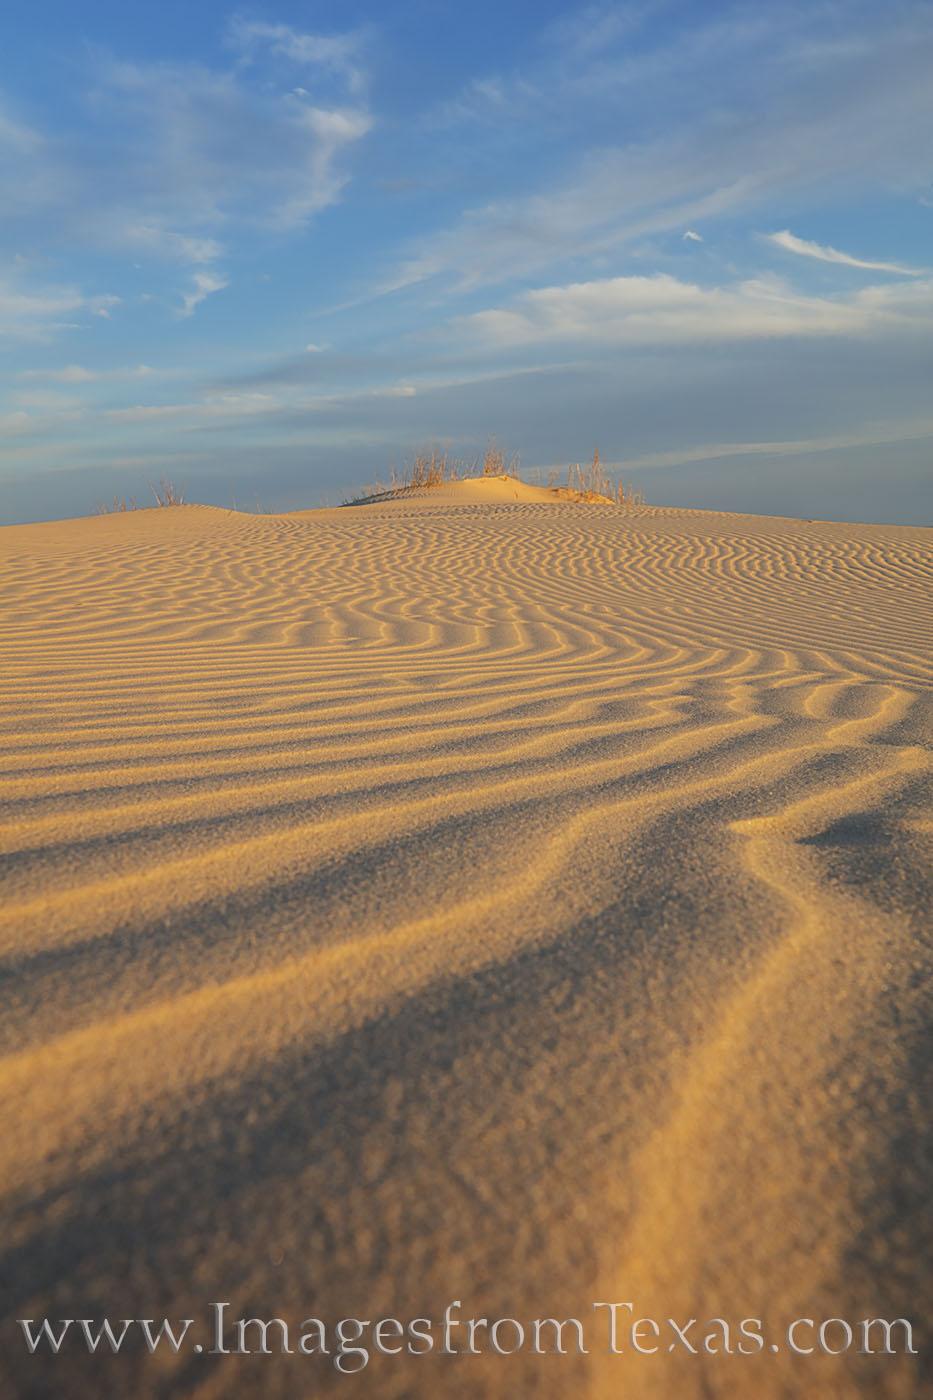 monahans, sandhills, sandhills state park, sand dunes, texas dunes, sand, texture, west texas, monahans sandhills state park, state parks, texas state parks, texs parks, photo